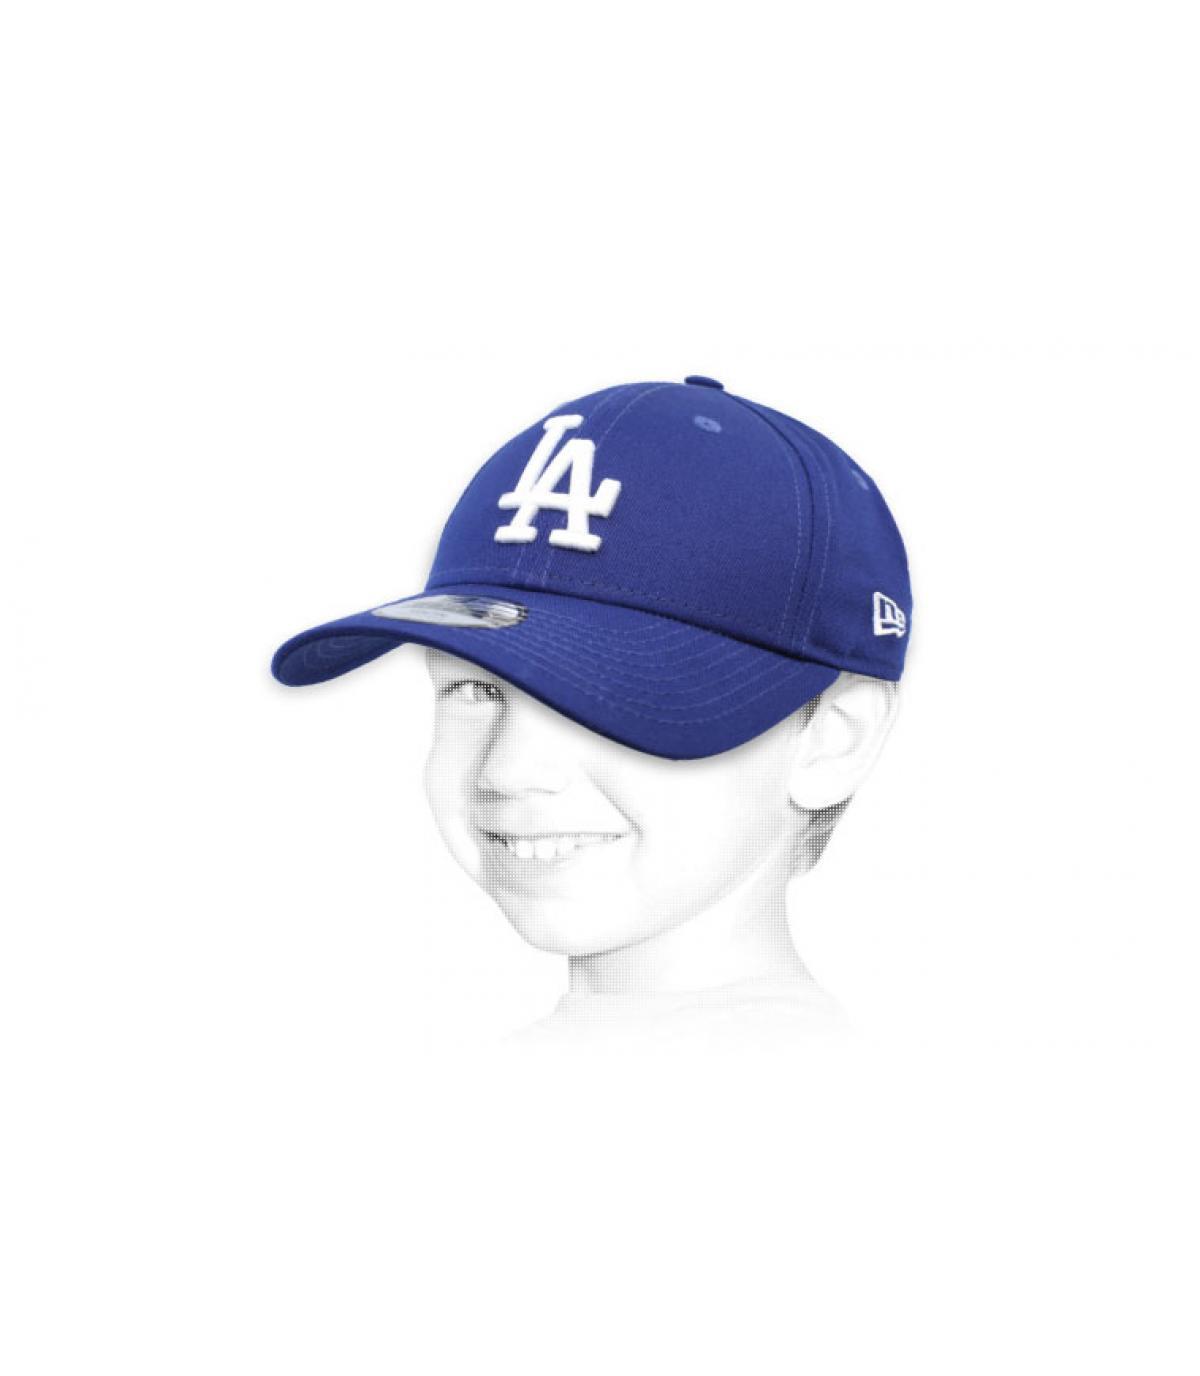 casquette enfant LA bleu